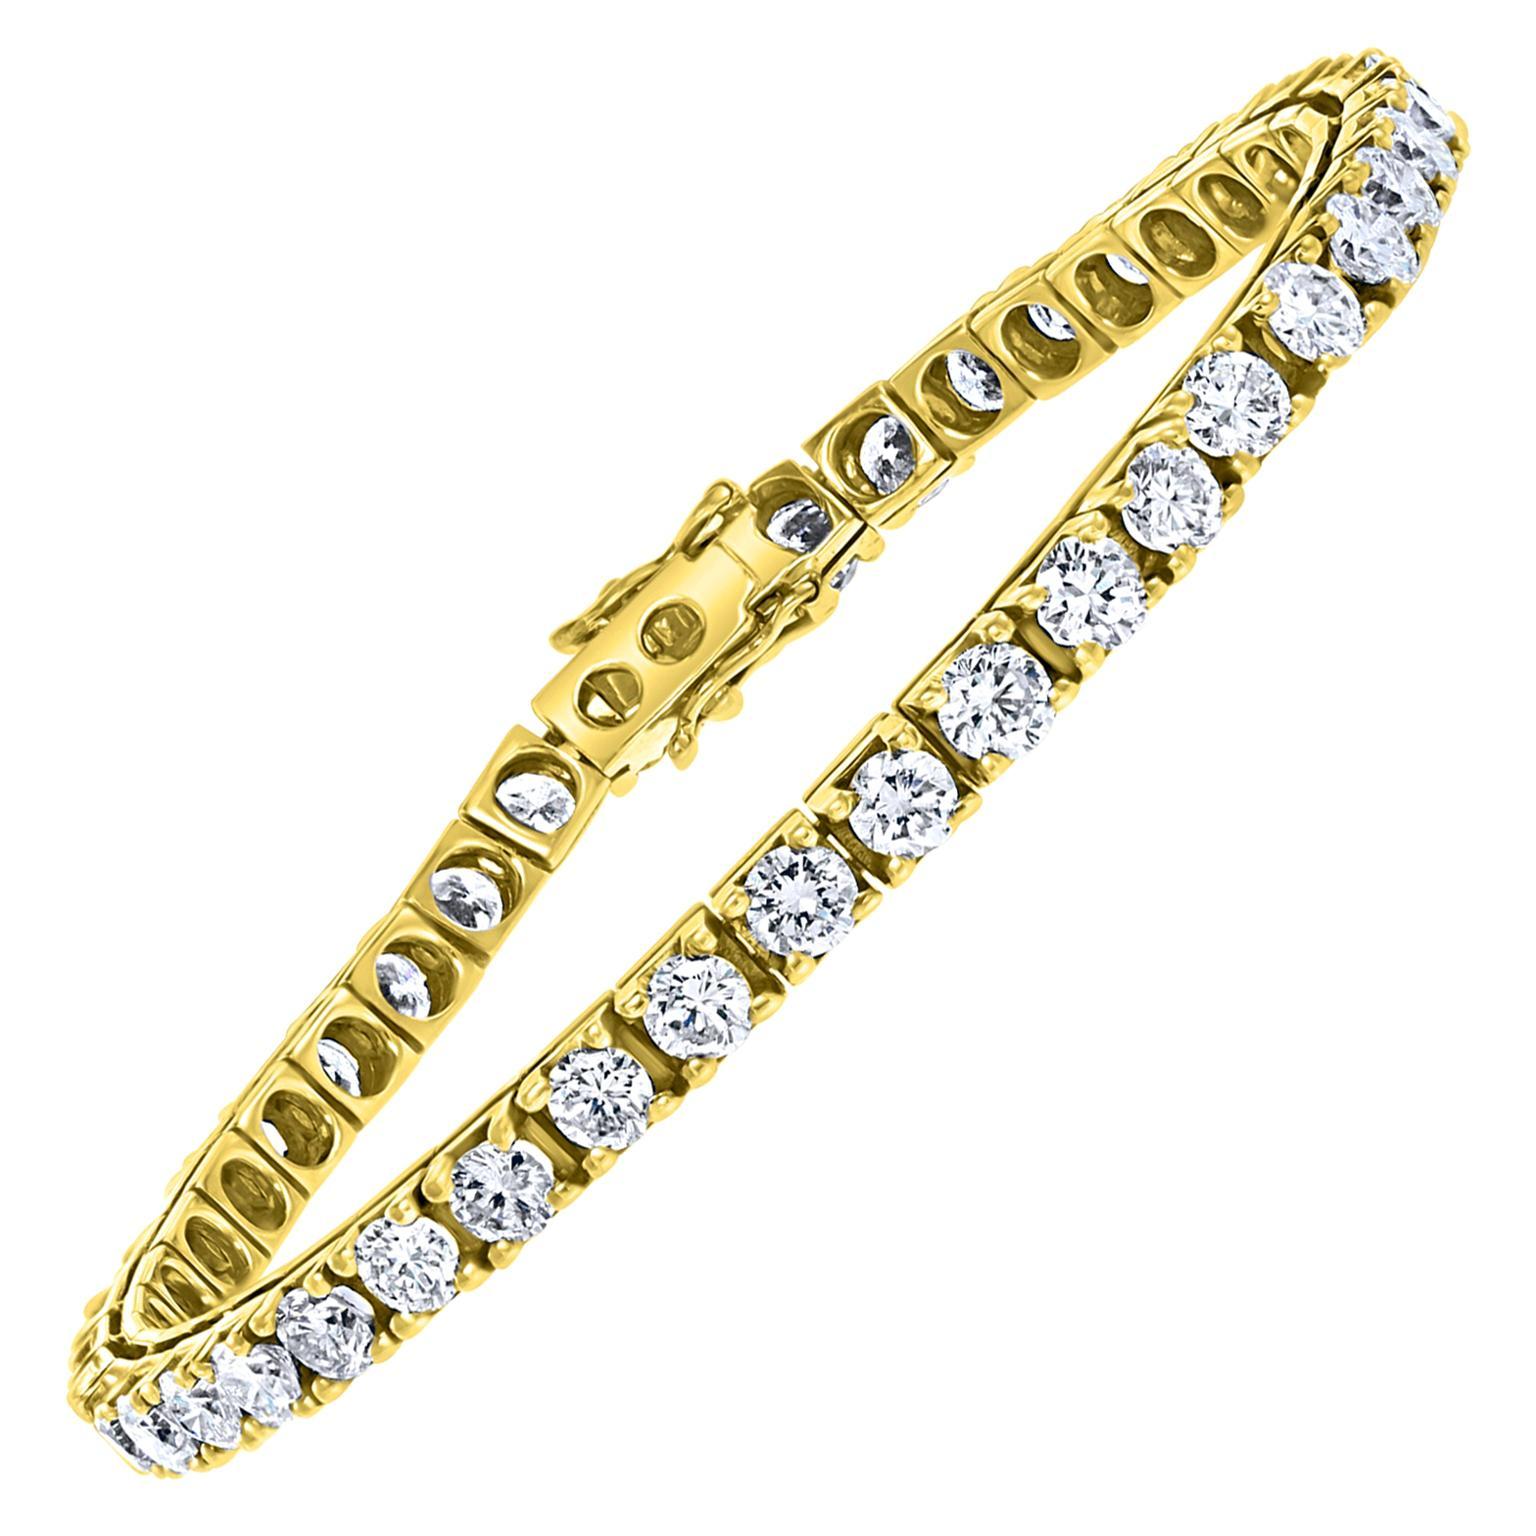 42 Round Diamond 25 Pointer Each Line Tennis Bracelet 14 Karat Gold 10 Carat